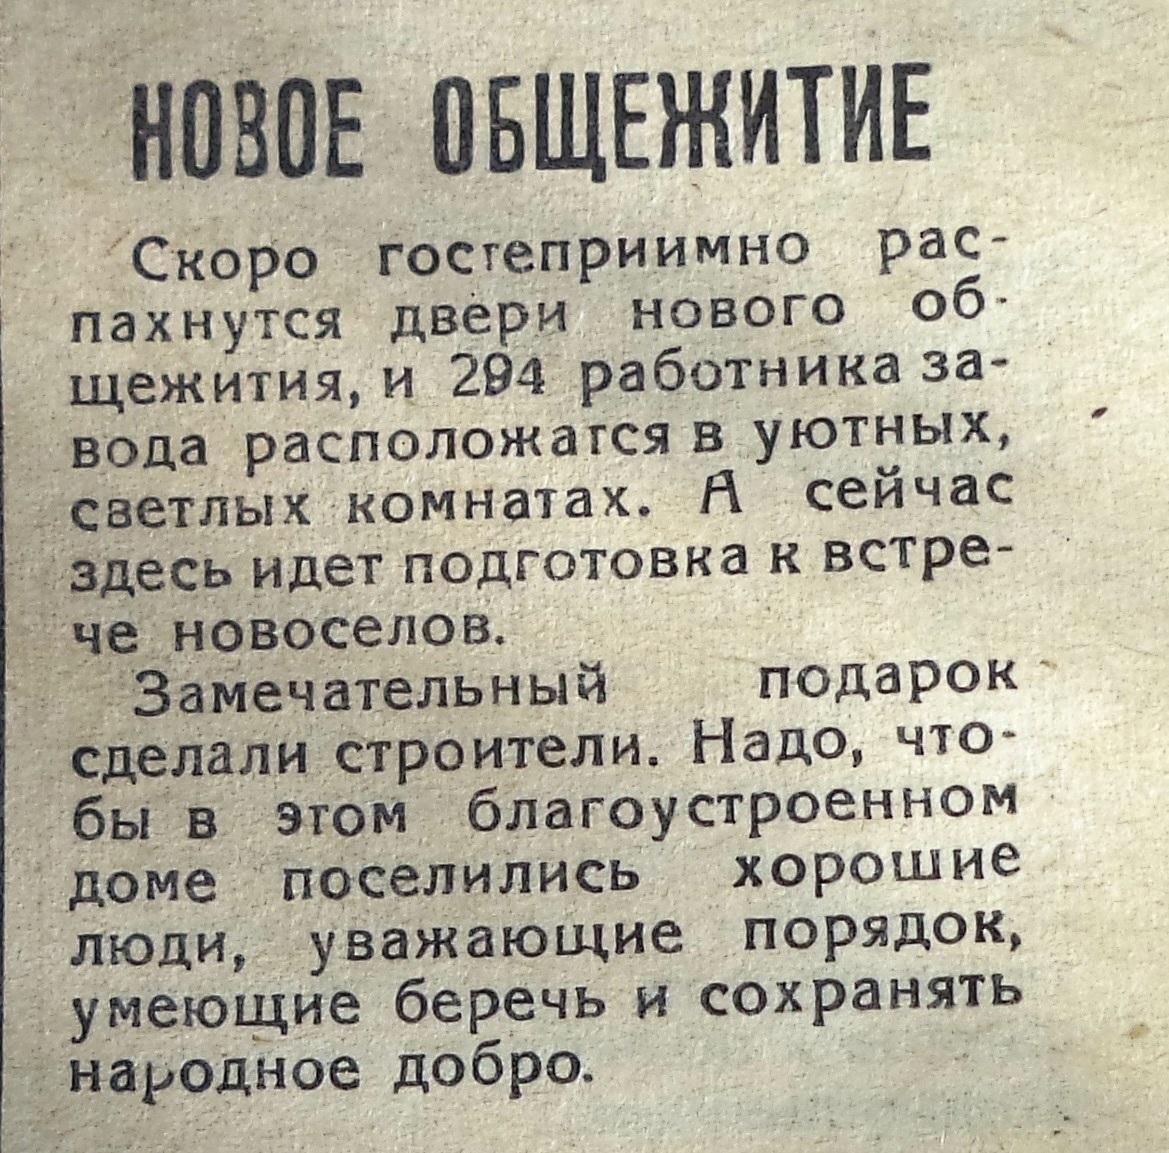 Победы-ФОТО-109-За ударные темпы-1966-12 октября